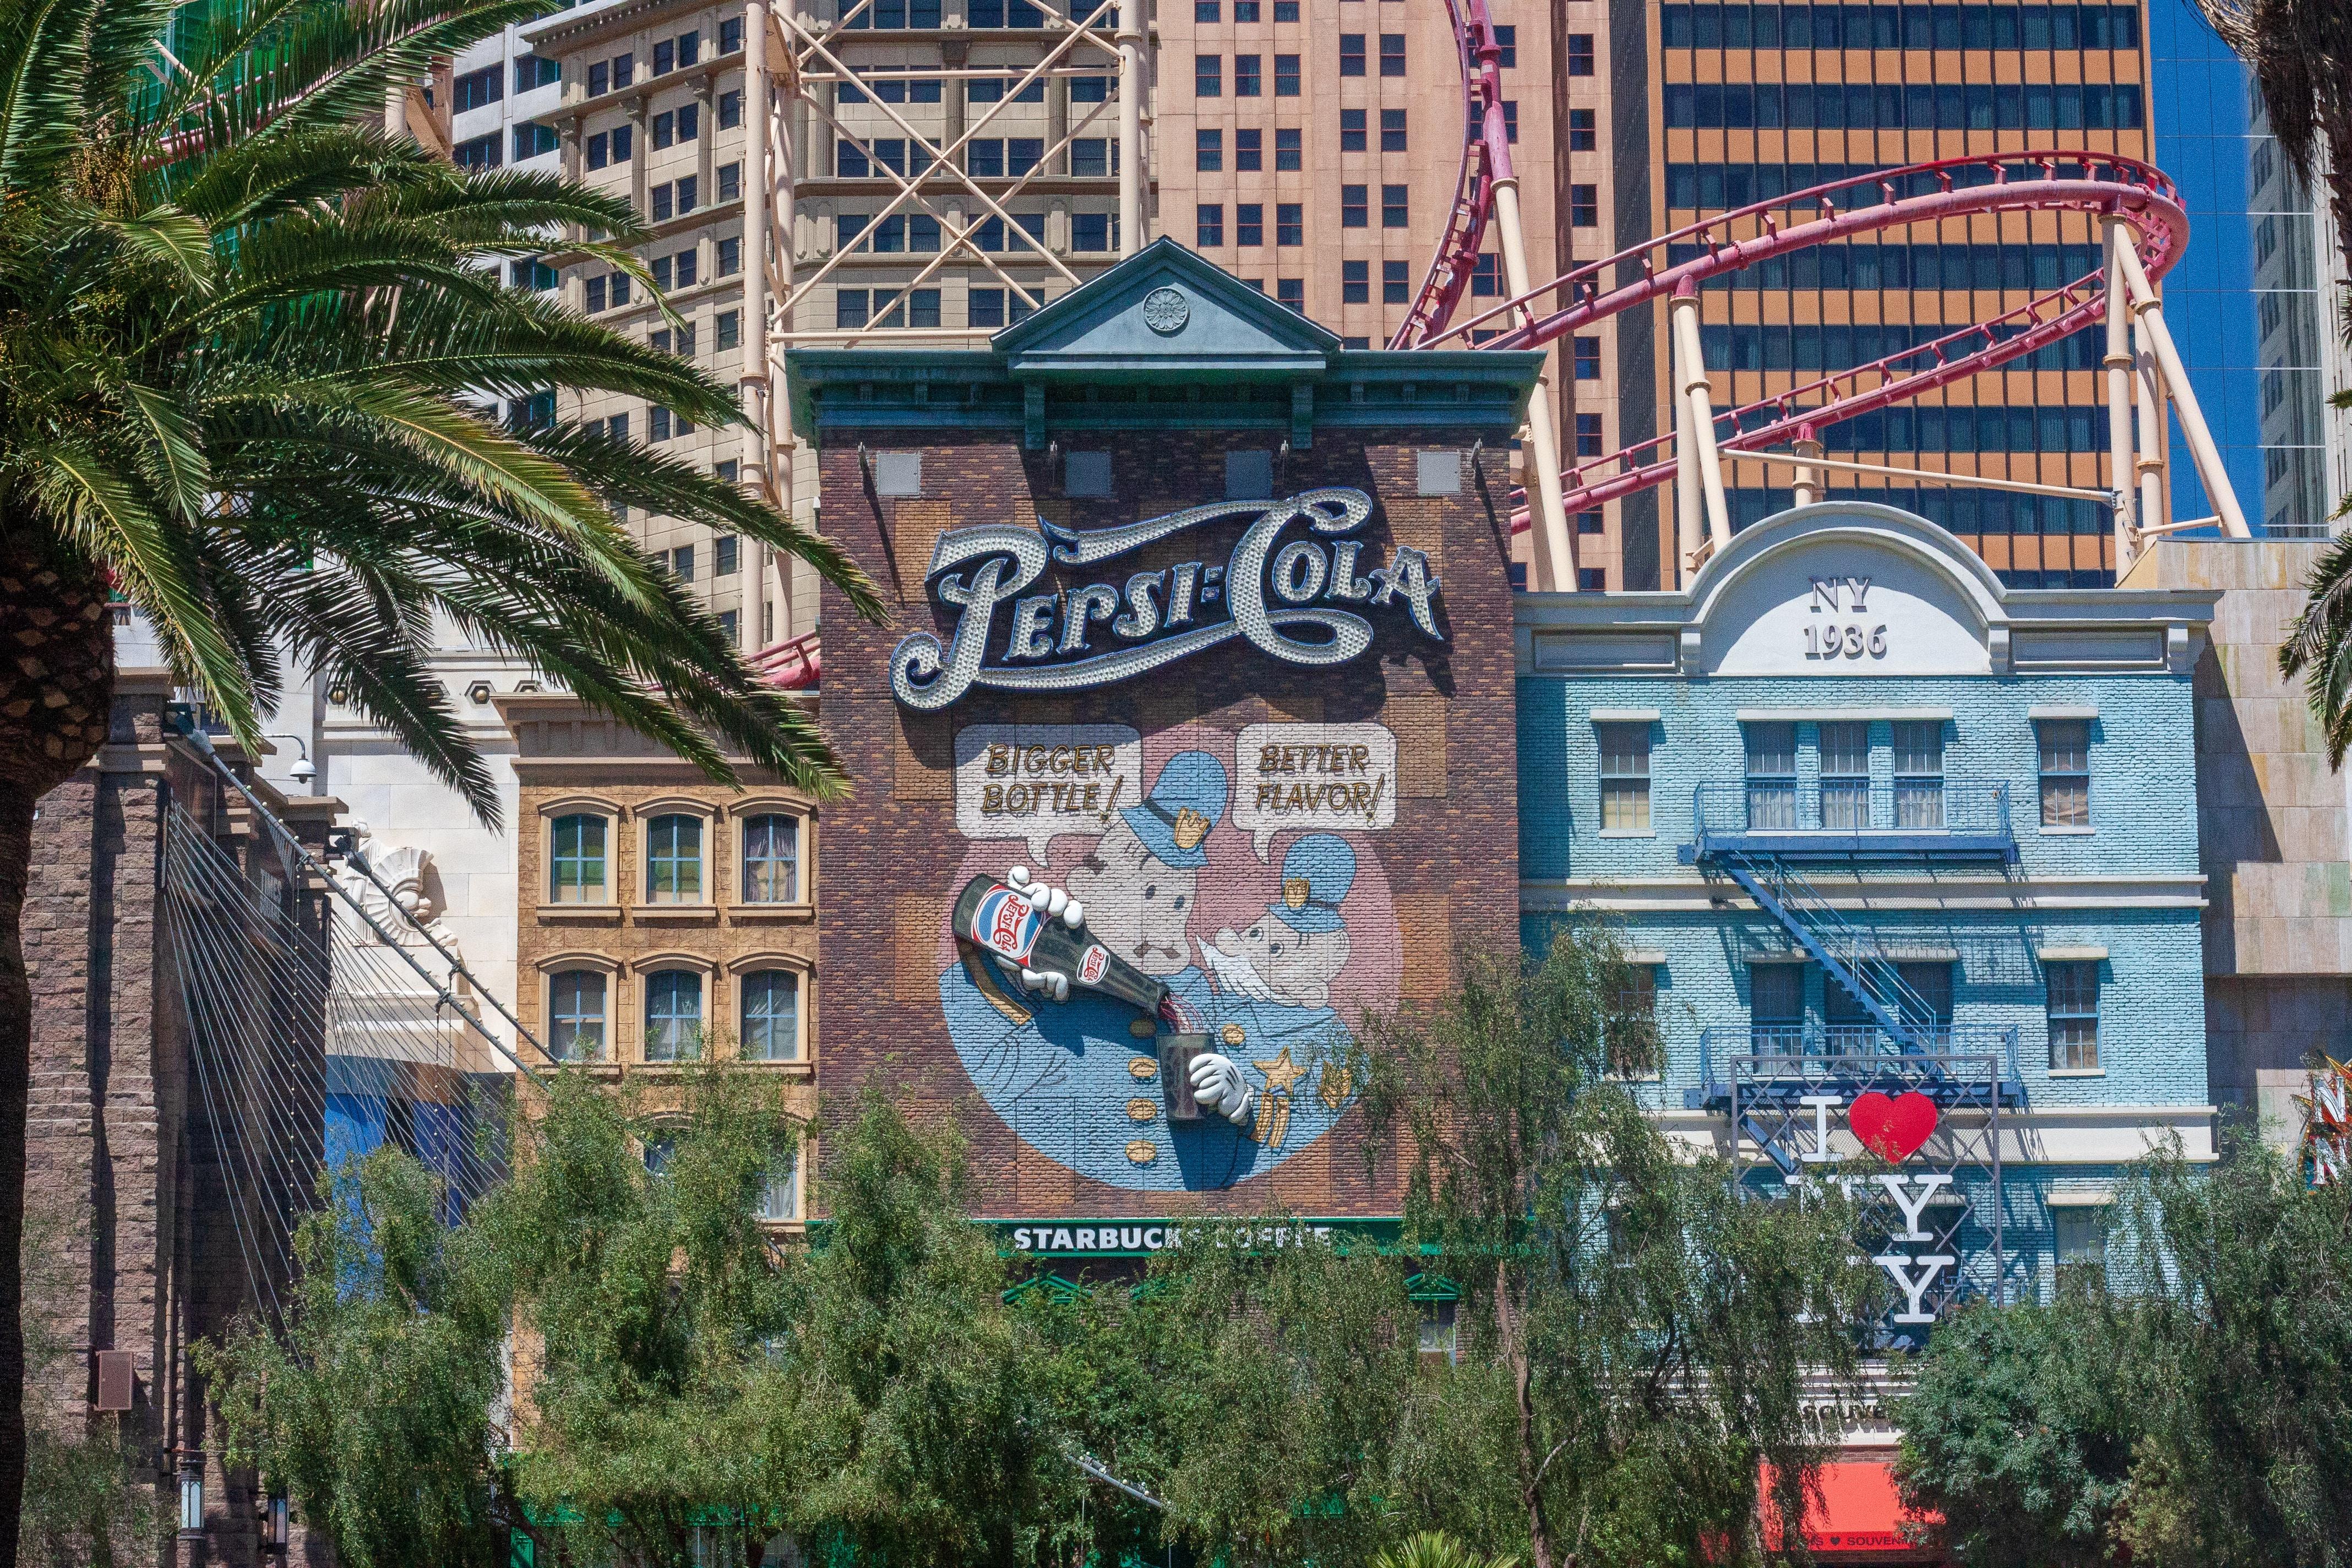 Pepsi-Cola shop front